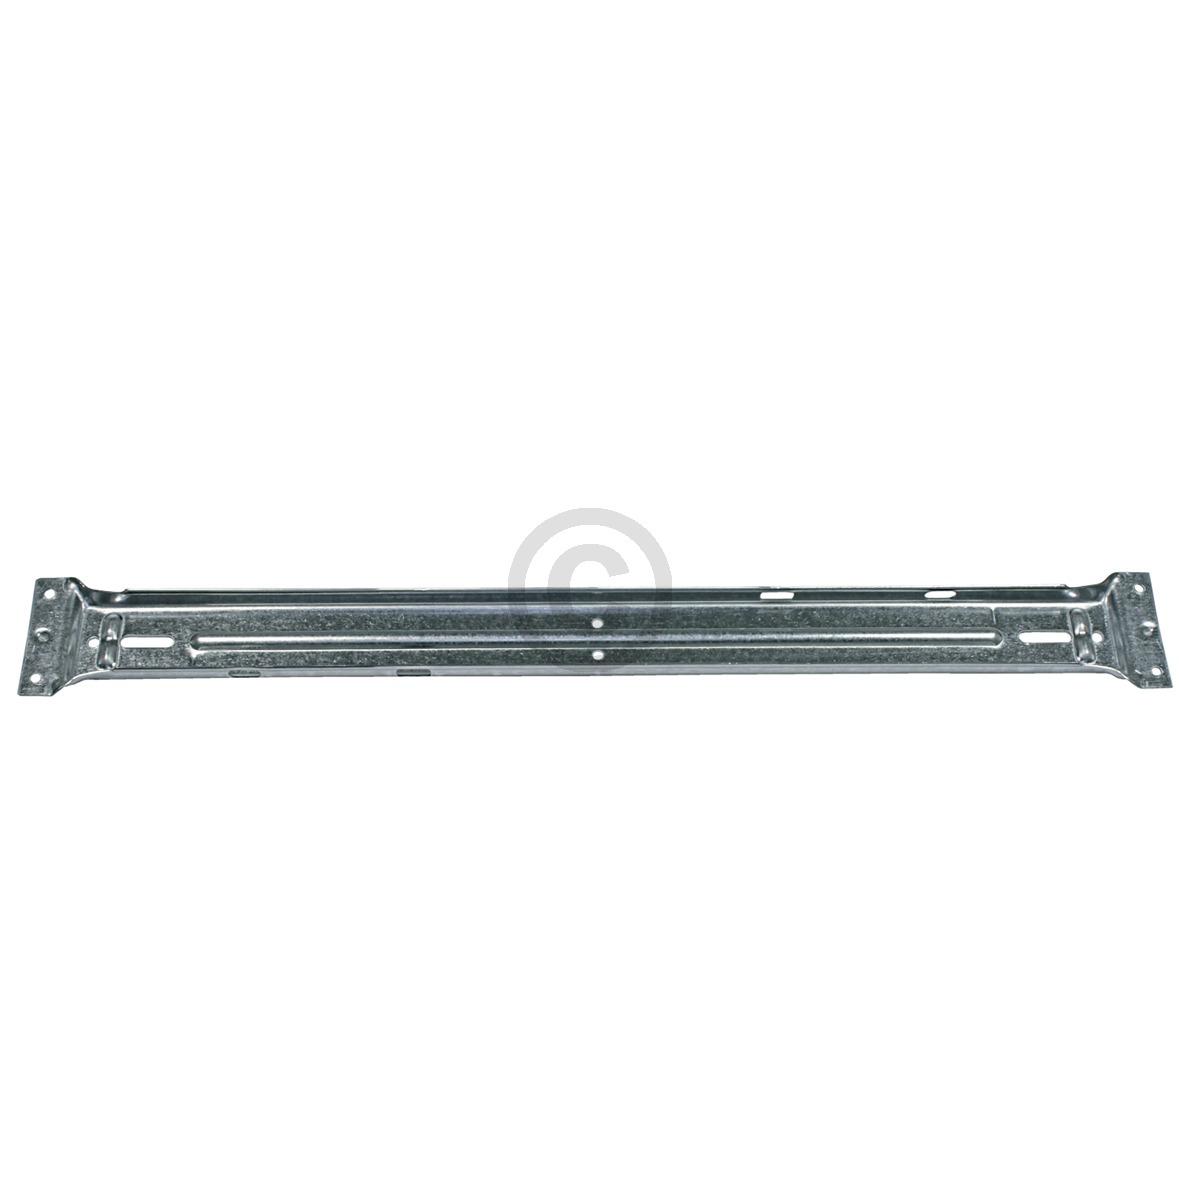 Metallhalteleiste für Bottichfedern 00289822 289822 Bosch, Siemens, Neff